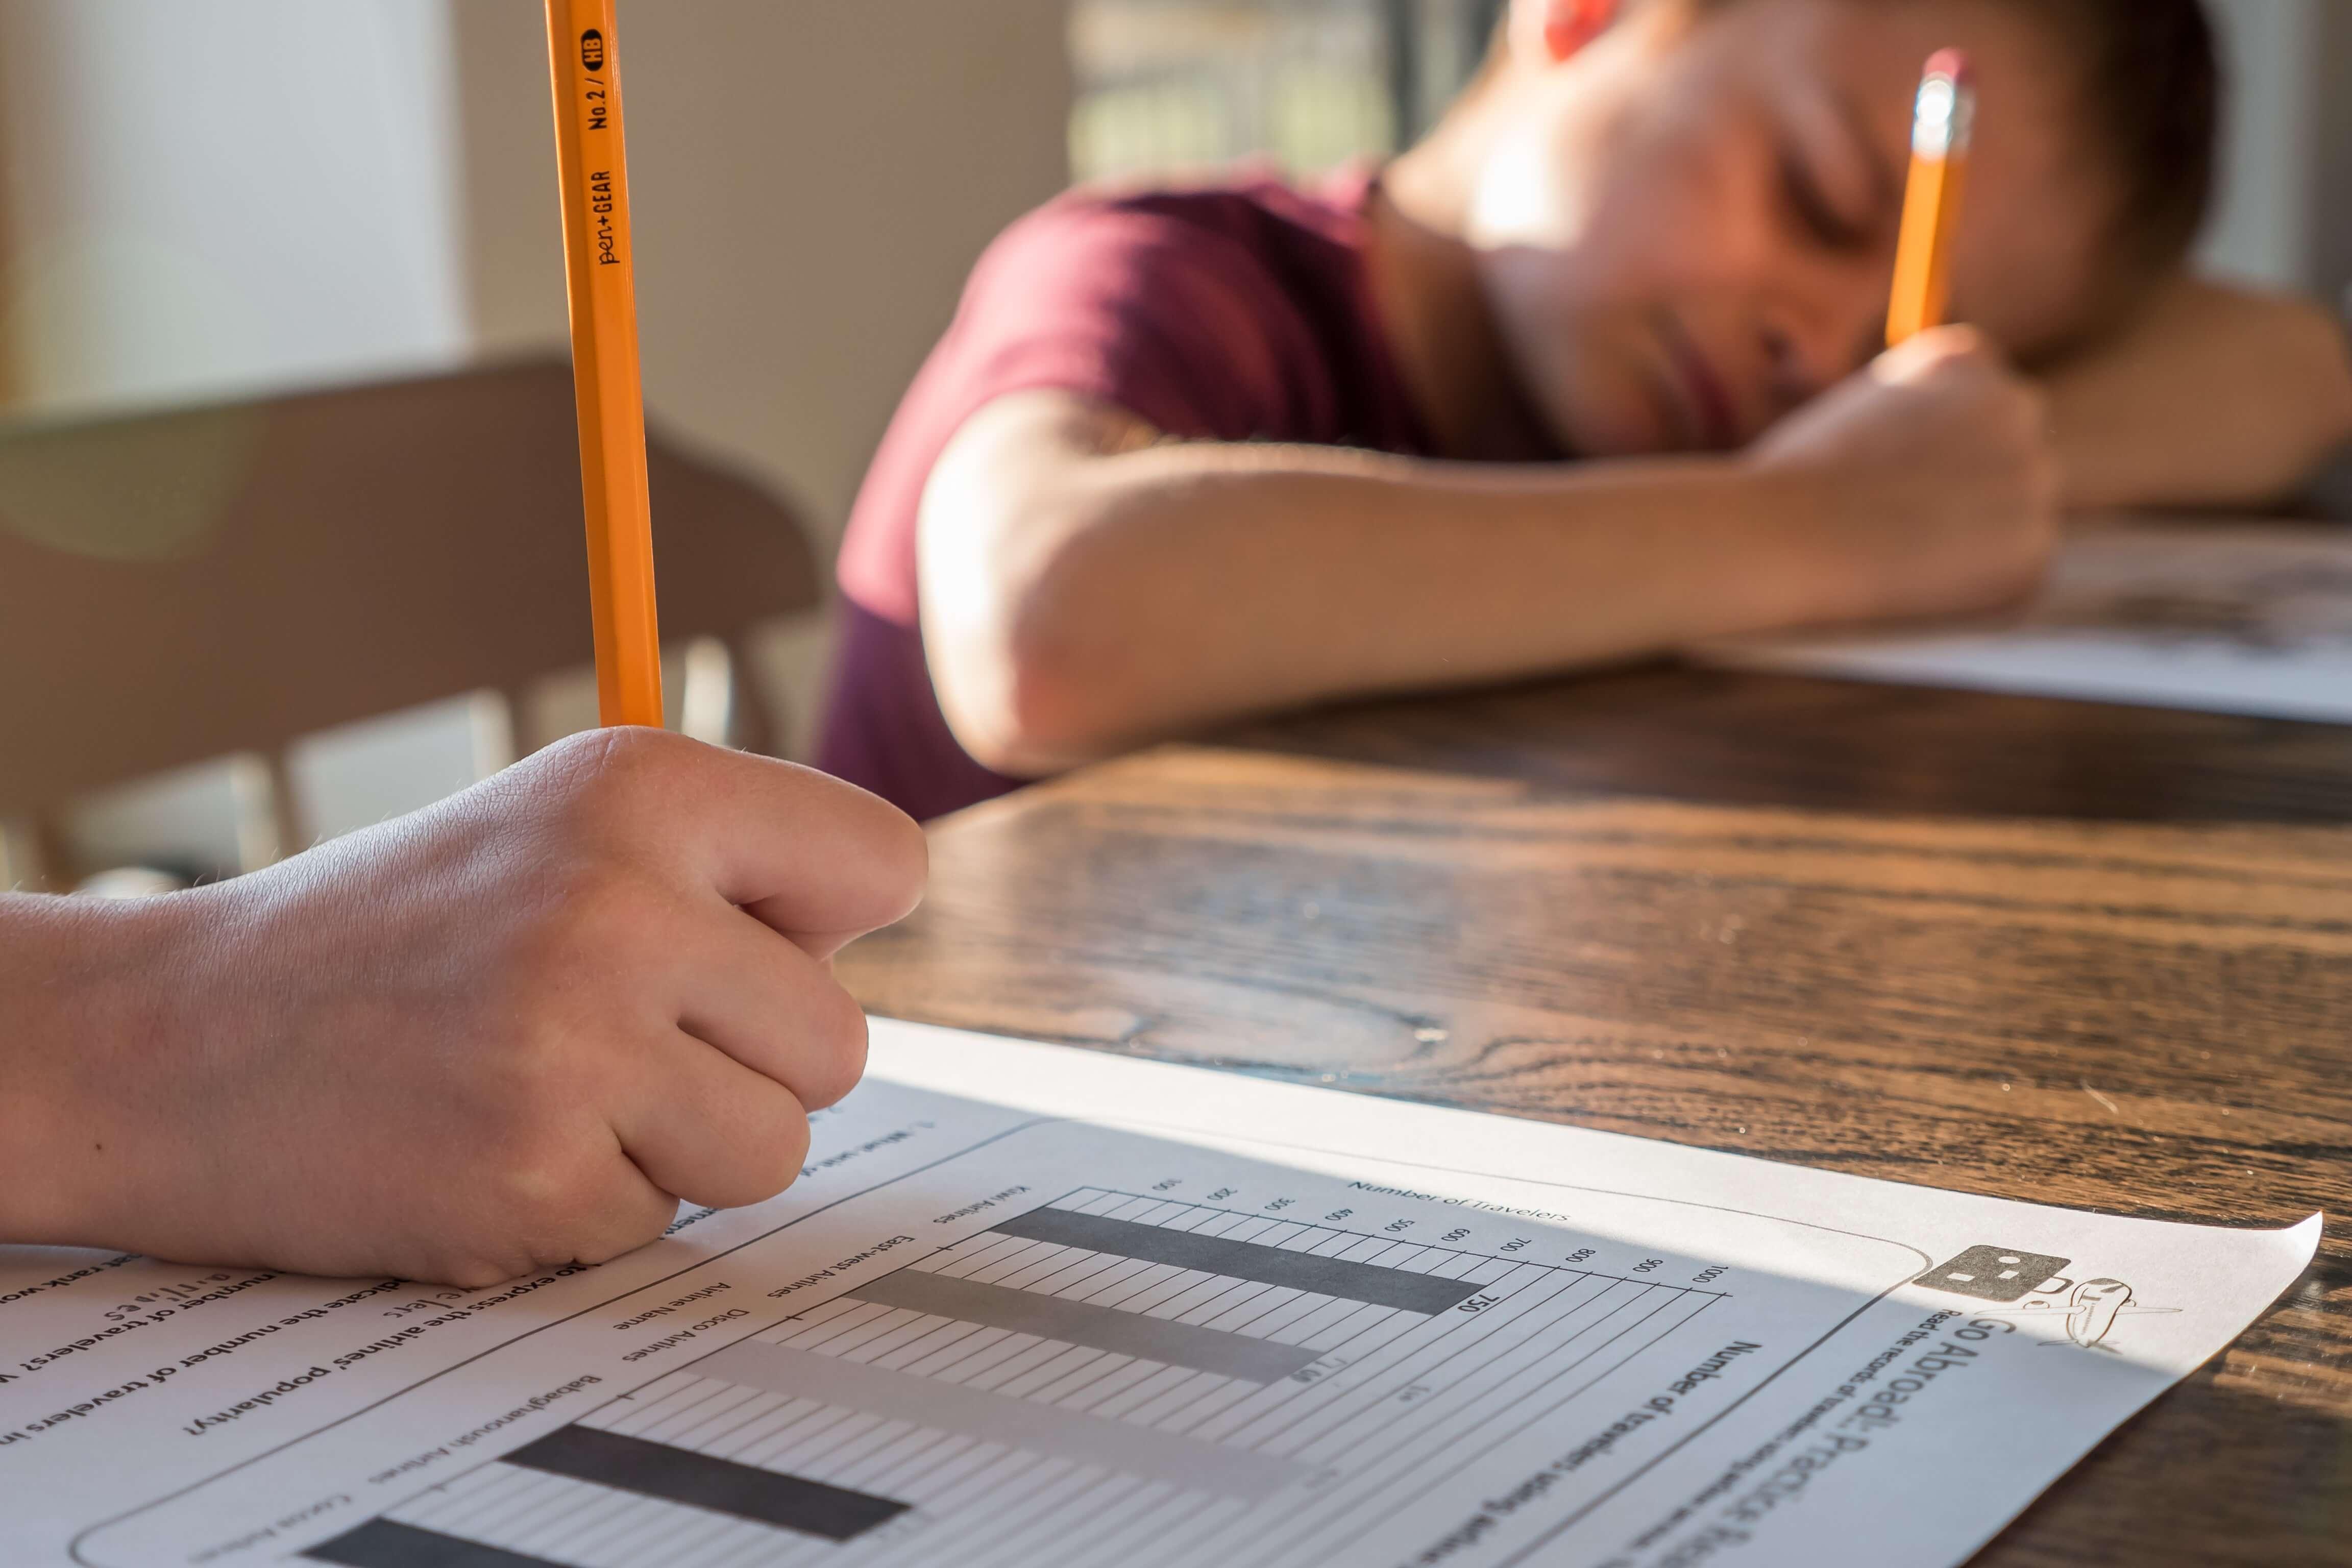 siswa stress belajar di rumah